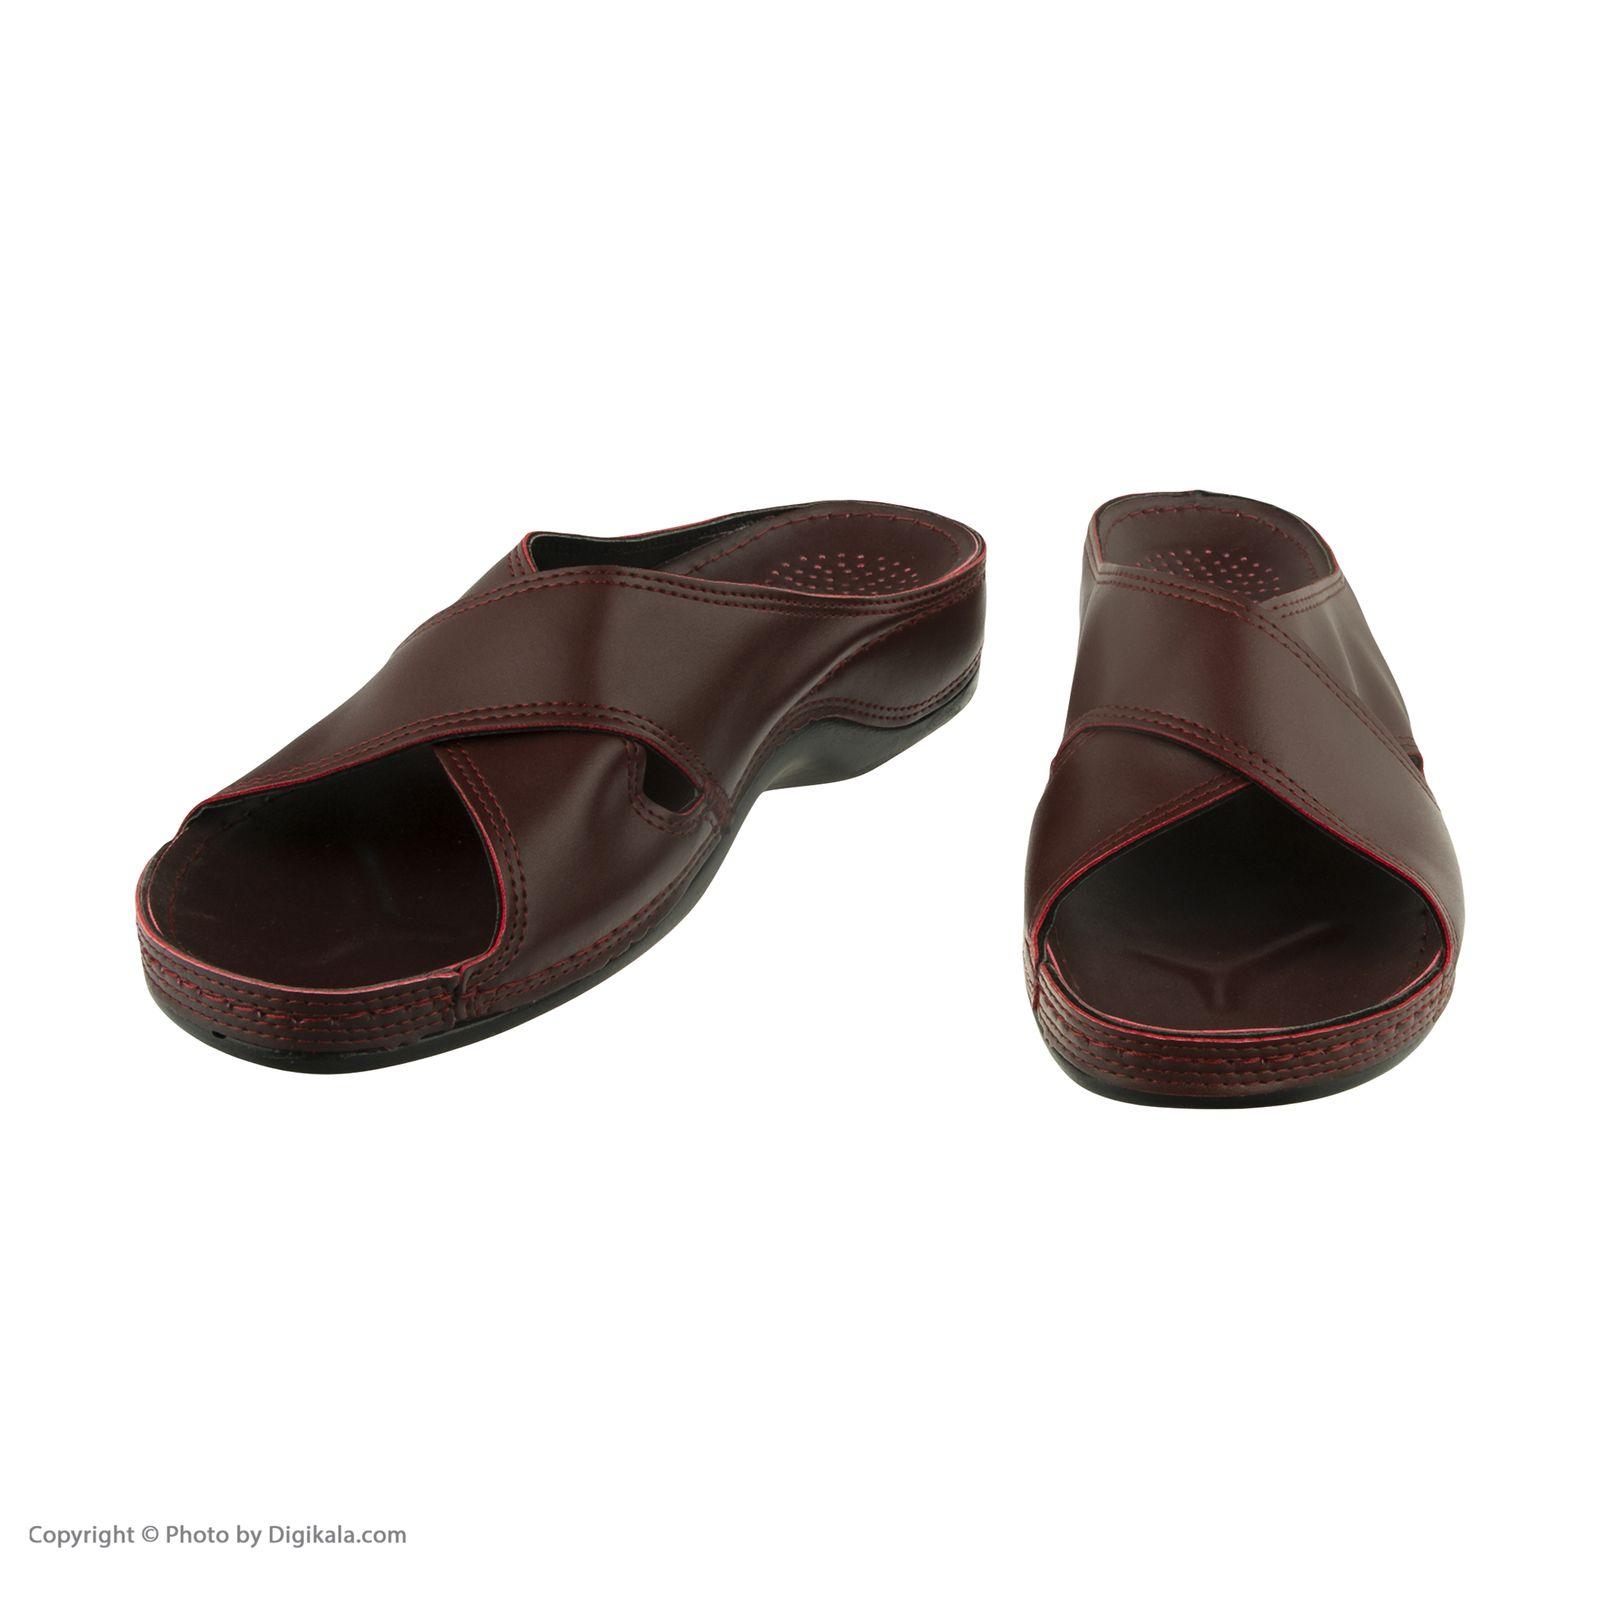 دمپایی زنانه کفش آویده کد av-0304505 رنگ زرشکی -  - 5